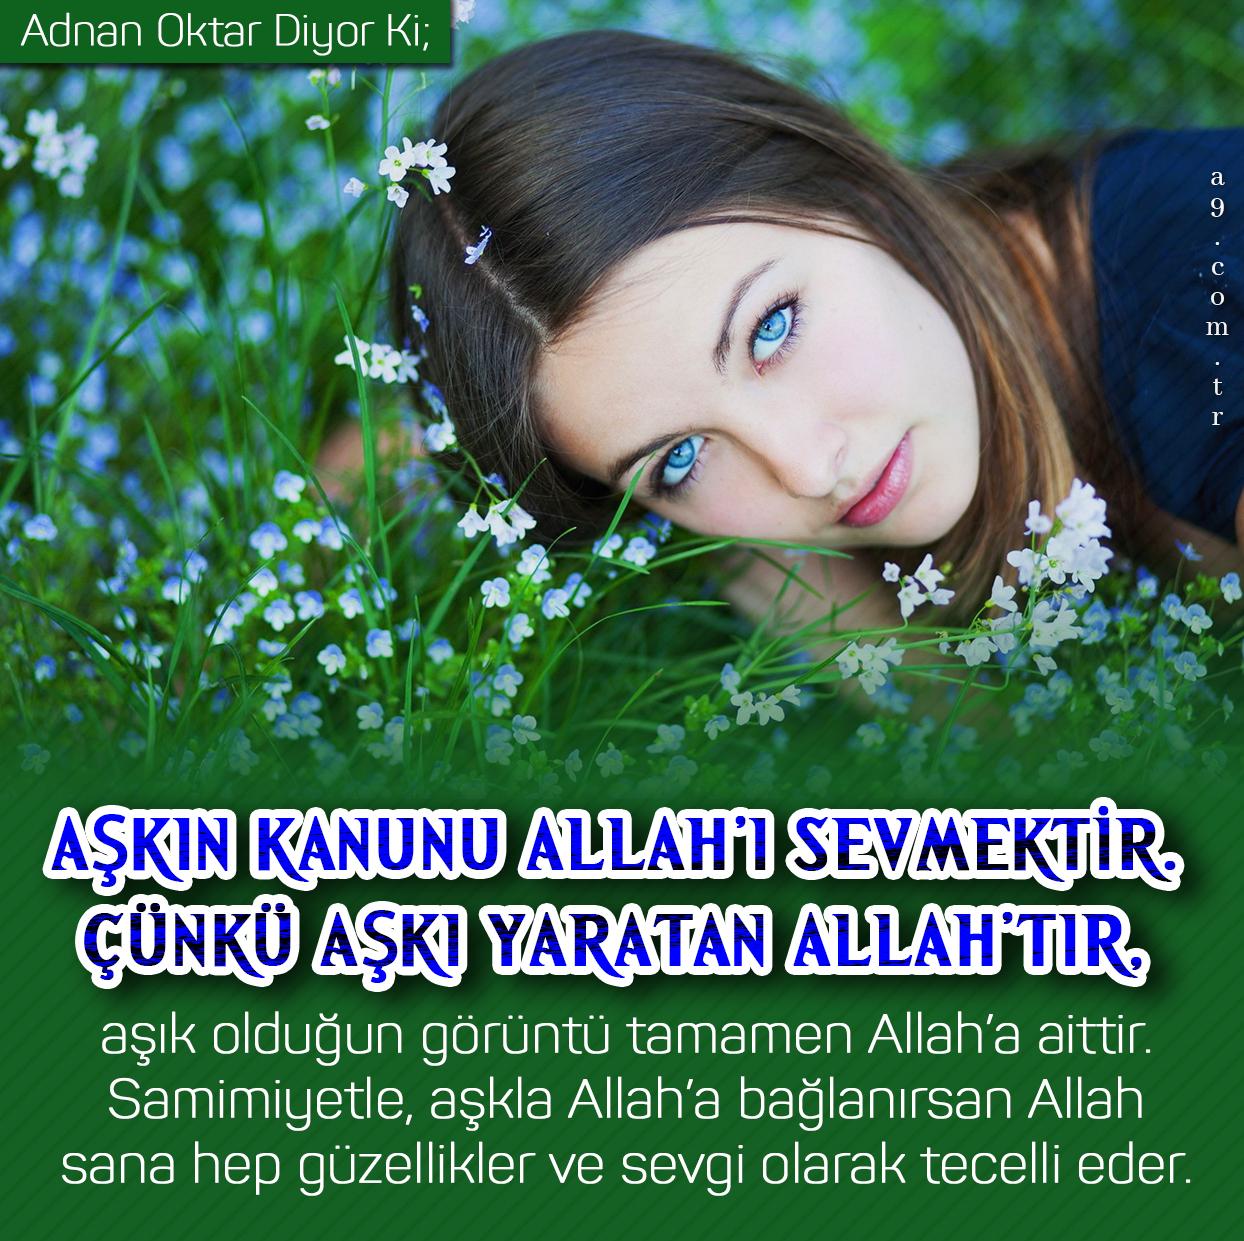 """<table style=""""width: 100%;""""><tr><td style=""""vertical-align: middle;"""">Aşkın kanunu Allah'ı sevmektir. Çünkü aşkı yaratan Allah'tır, aşık olduğun görüntü tamamen Allah'a aittir. Samimiyetle, aşkla Allah'a bağlanırsan Allah sana hep güzellikler ve sevgi olarak tecelli eder.</td><td style=""""max-width: 70px;vertical-align: middle;""""> <a href=""""/downloadquote.php?filename=1516021549421.jpg""""><img class=""""hoversaturate"""" height=""""20px"""" src=""""/assets/images/download-iconu.png"""" style=""""width: 48px; height: 48px;"""" title=""""Resmi İndir""""/></a></td></tr></table>"""